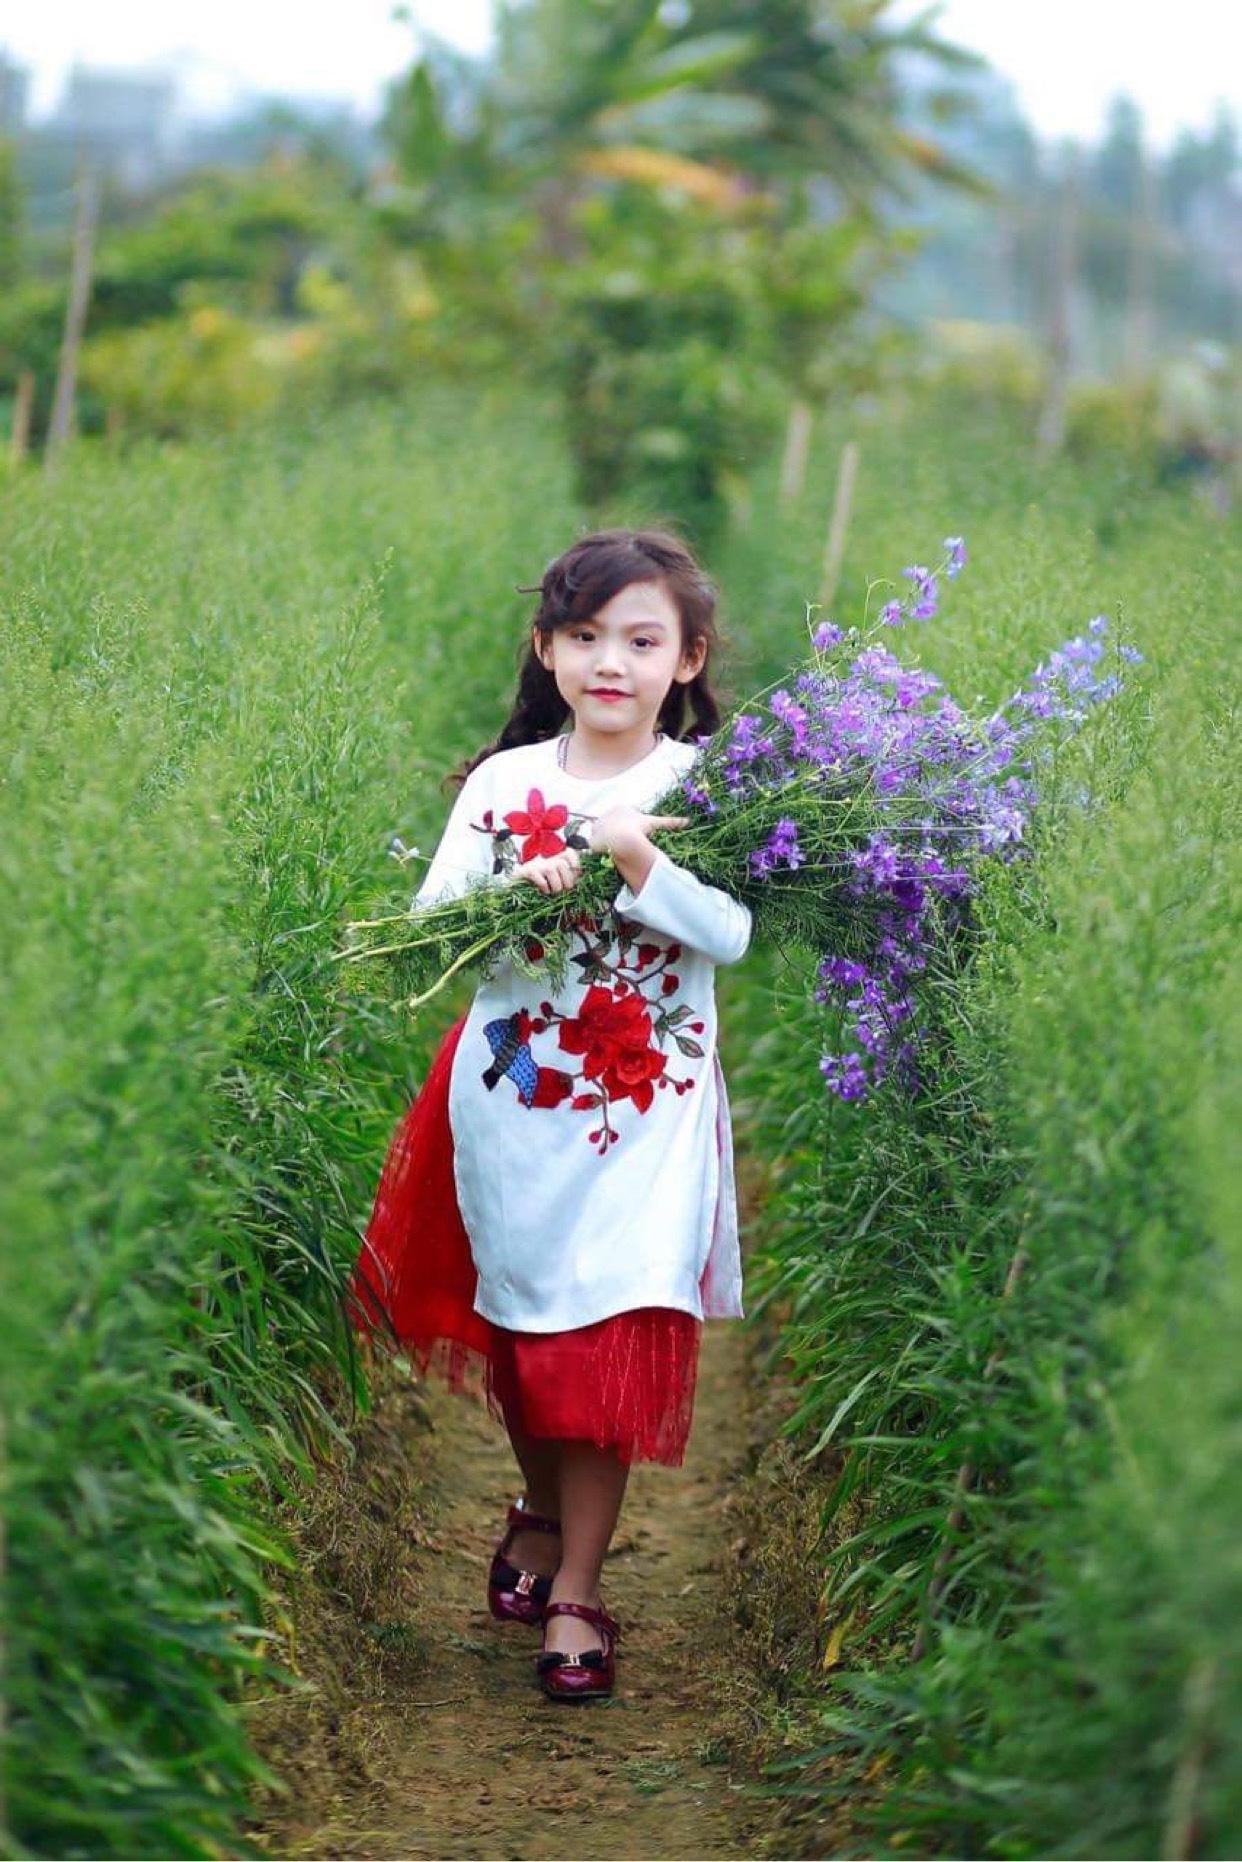 Quỳnh Vy: Nàng công chúa nhỏ đốn tim trong làng thời trang - Ảnh 1.